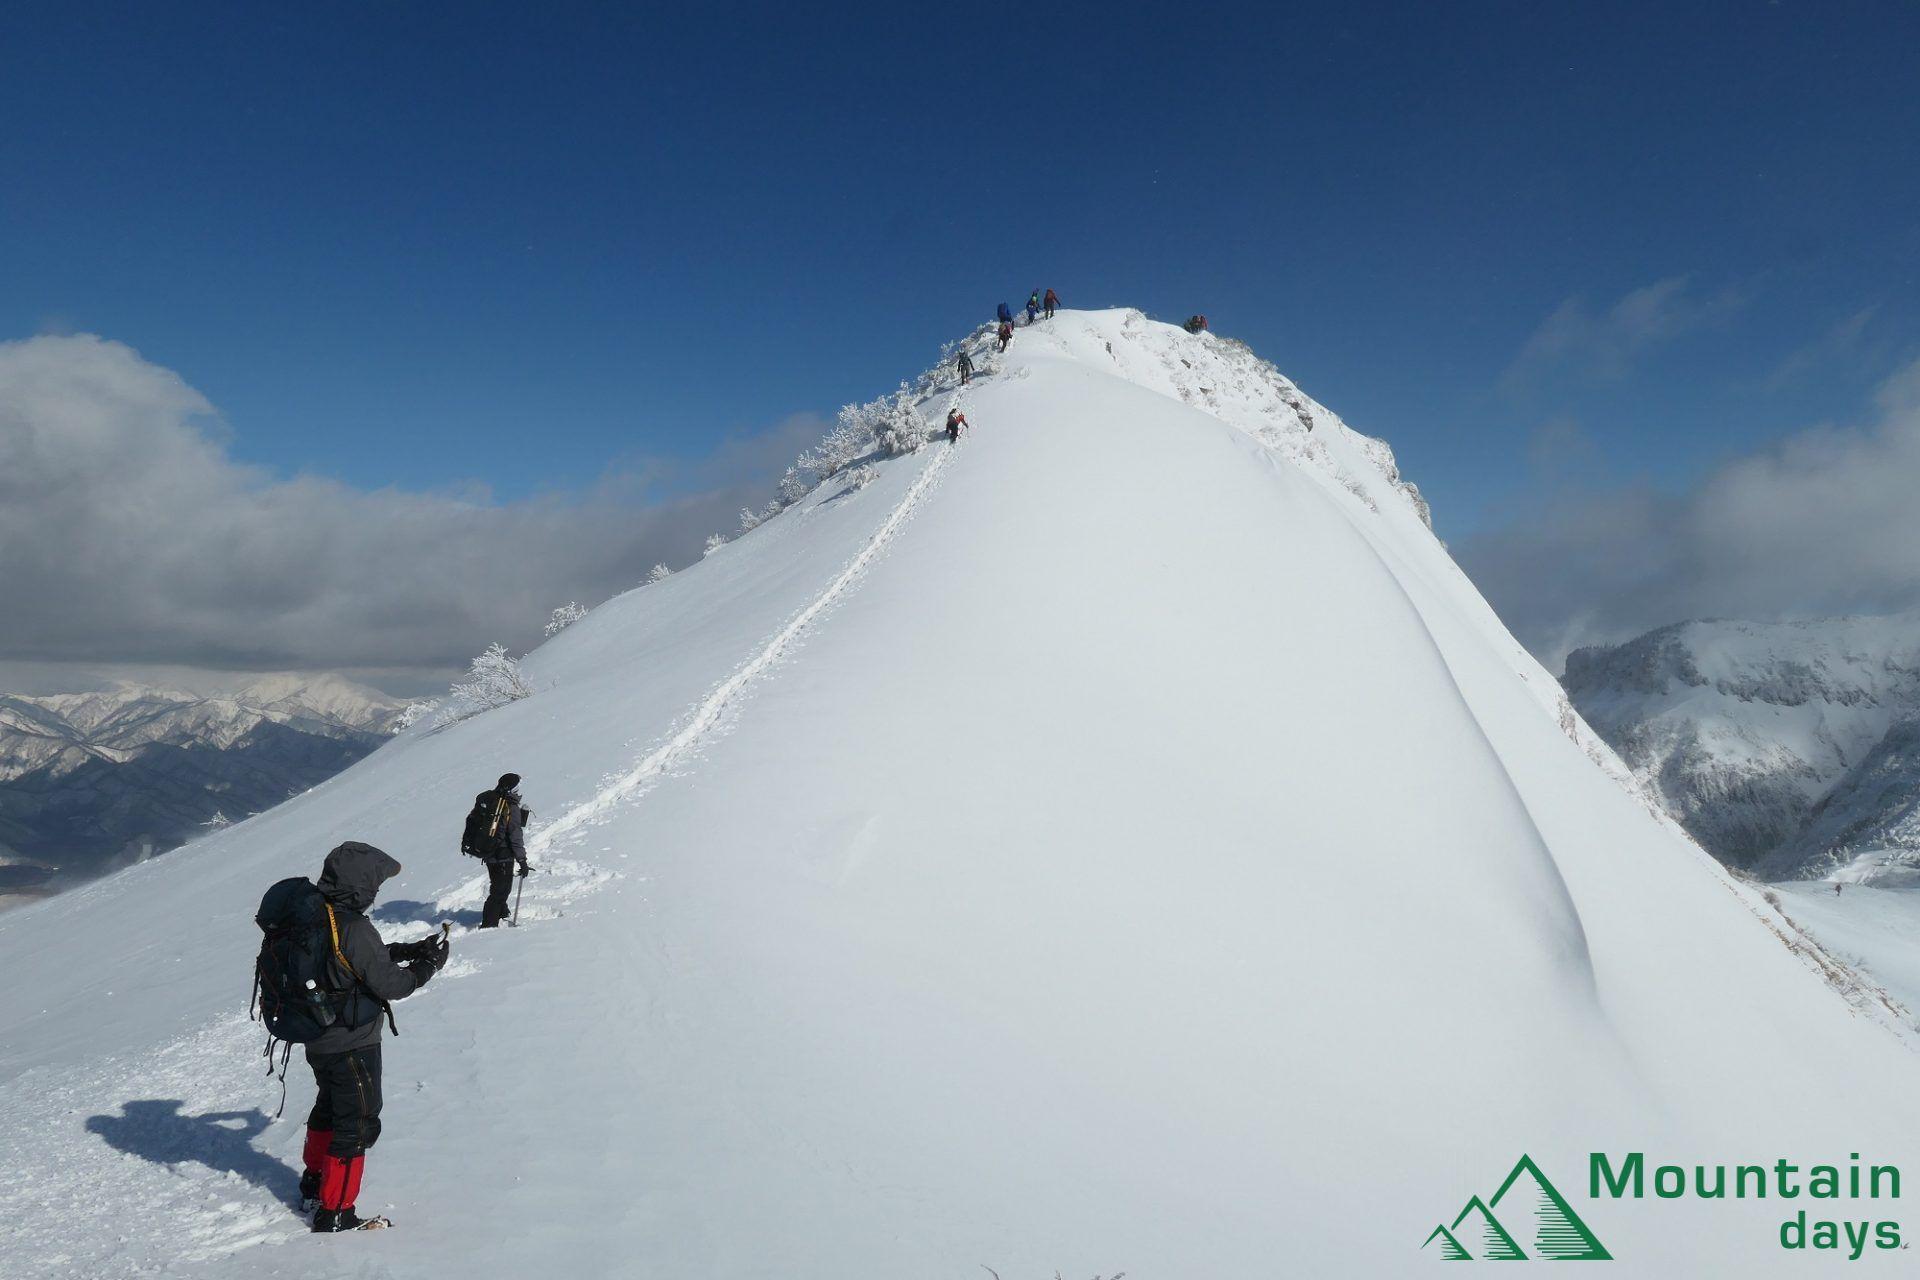 山ガールまりちゃんが雪の上州武尊山に登ってきたレポをお届け! 雪山登山でも人気の武尊山はどんな山なのでしょうか。コースガイドと共に景色をお楽しみください!